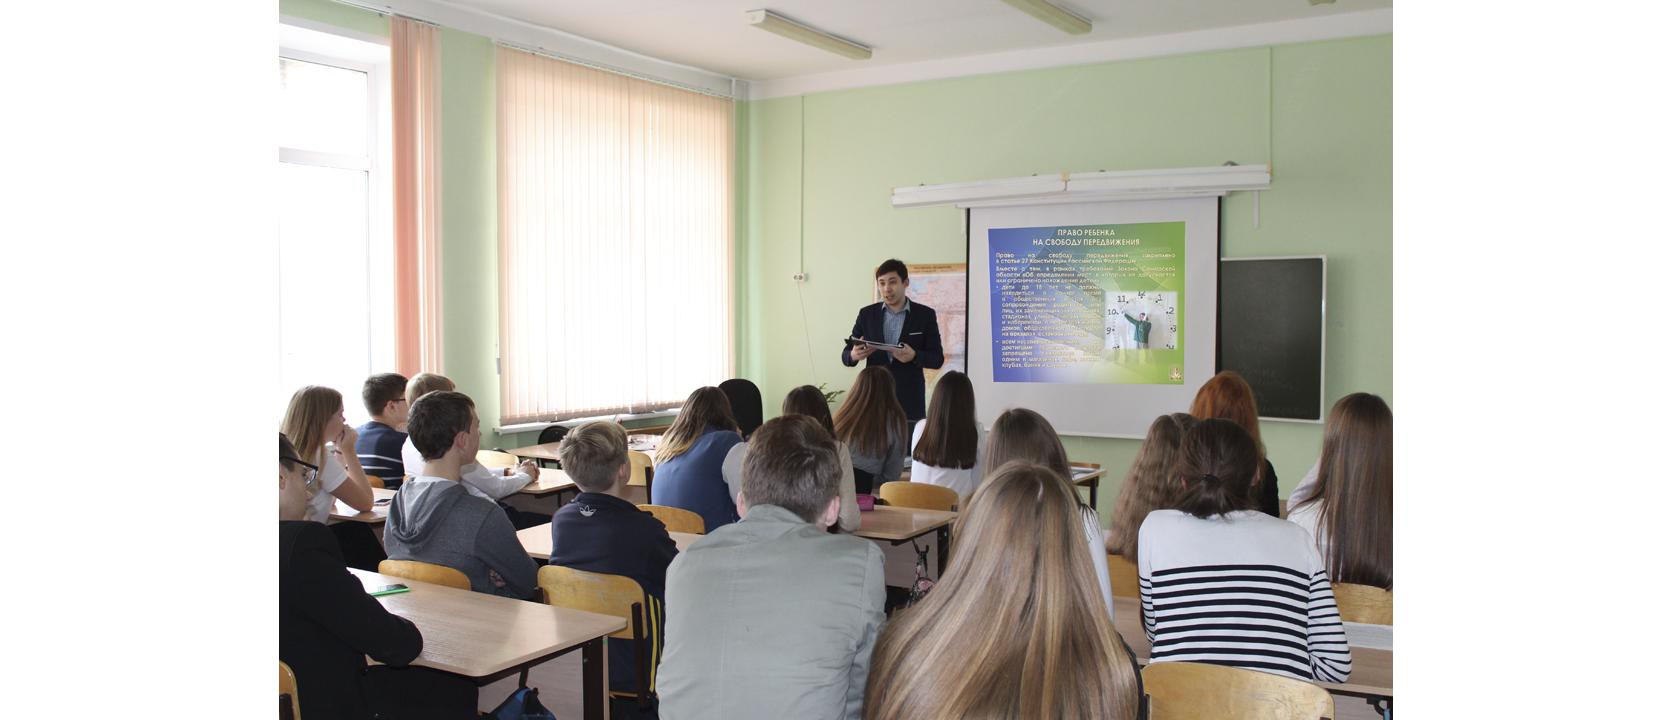 Самарские нотариусы провели мероприятия, приуроченные к Всероссийскому дню правовой помощи детям